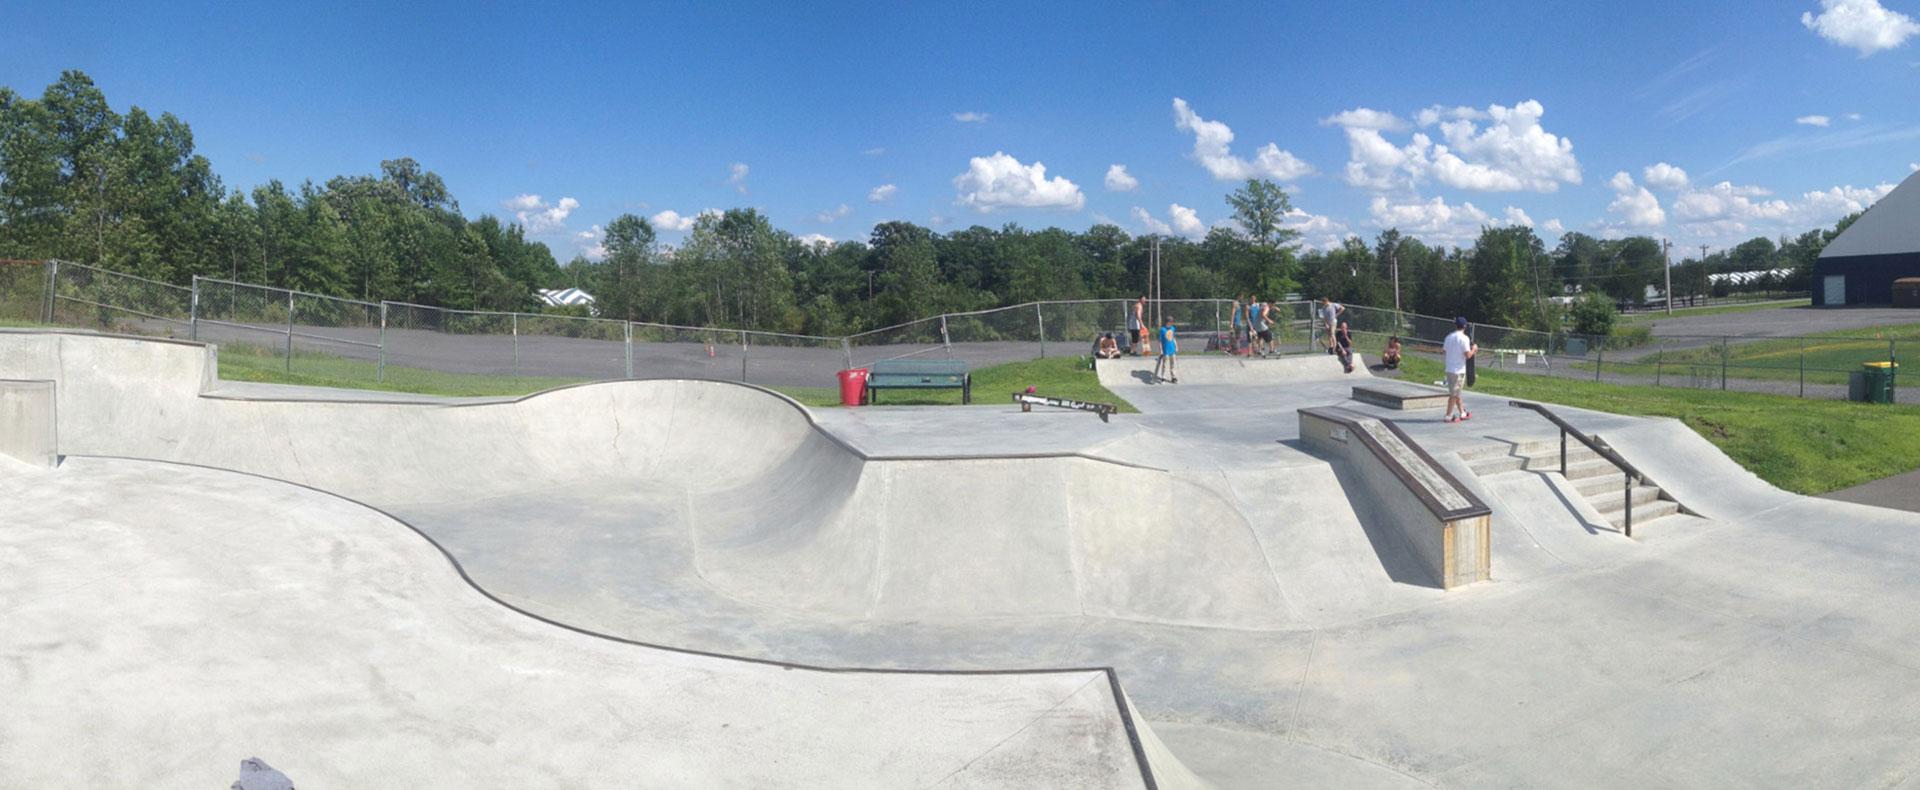 GWL Skatepark - Saugerties Skatepark - flowparks